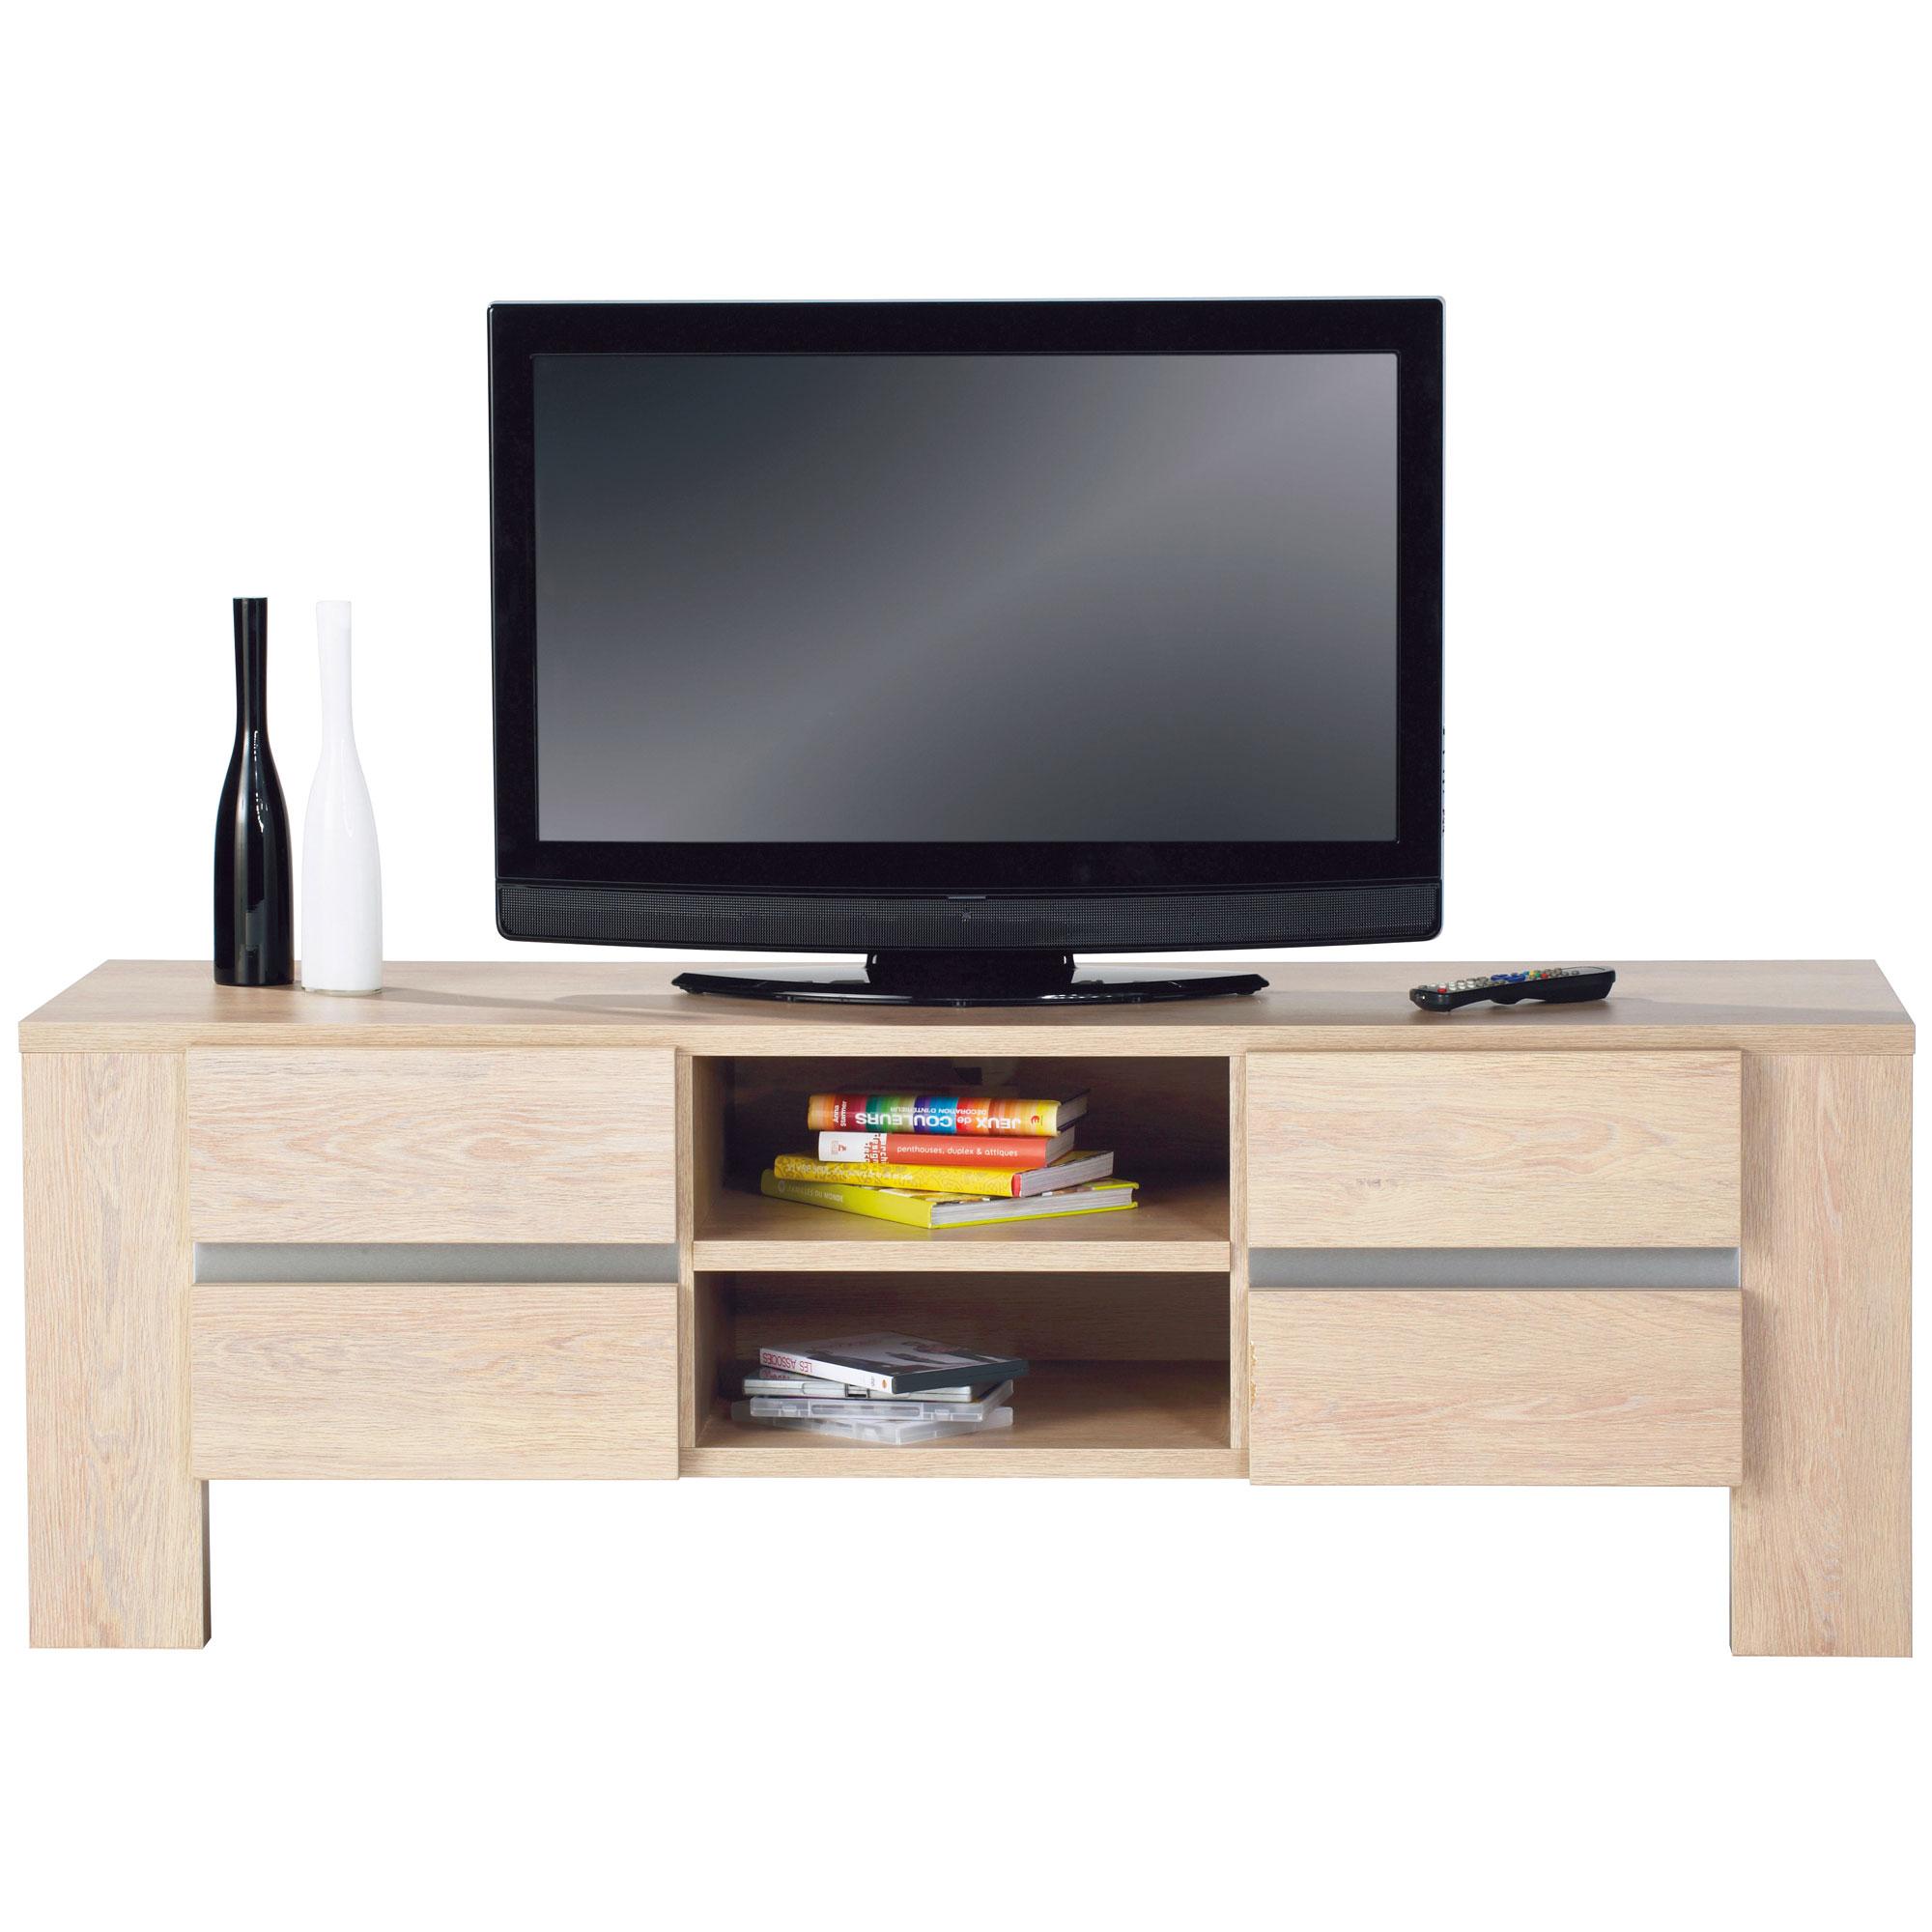 meuble tv namur ch ne gris anniversaire 40 ans acheter ce produit au meilleur prix. Black Bedroom Furniture Sets. Home Design Ideas